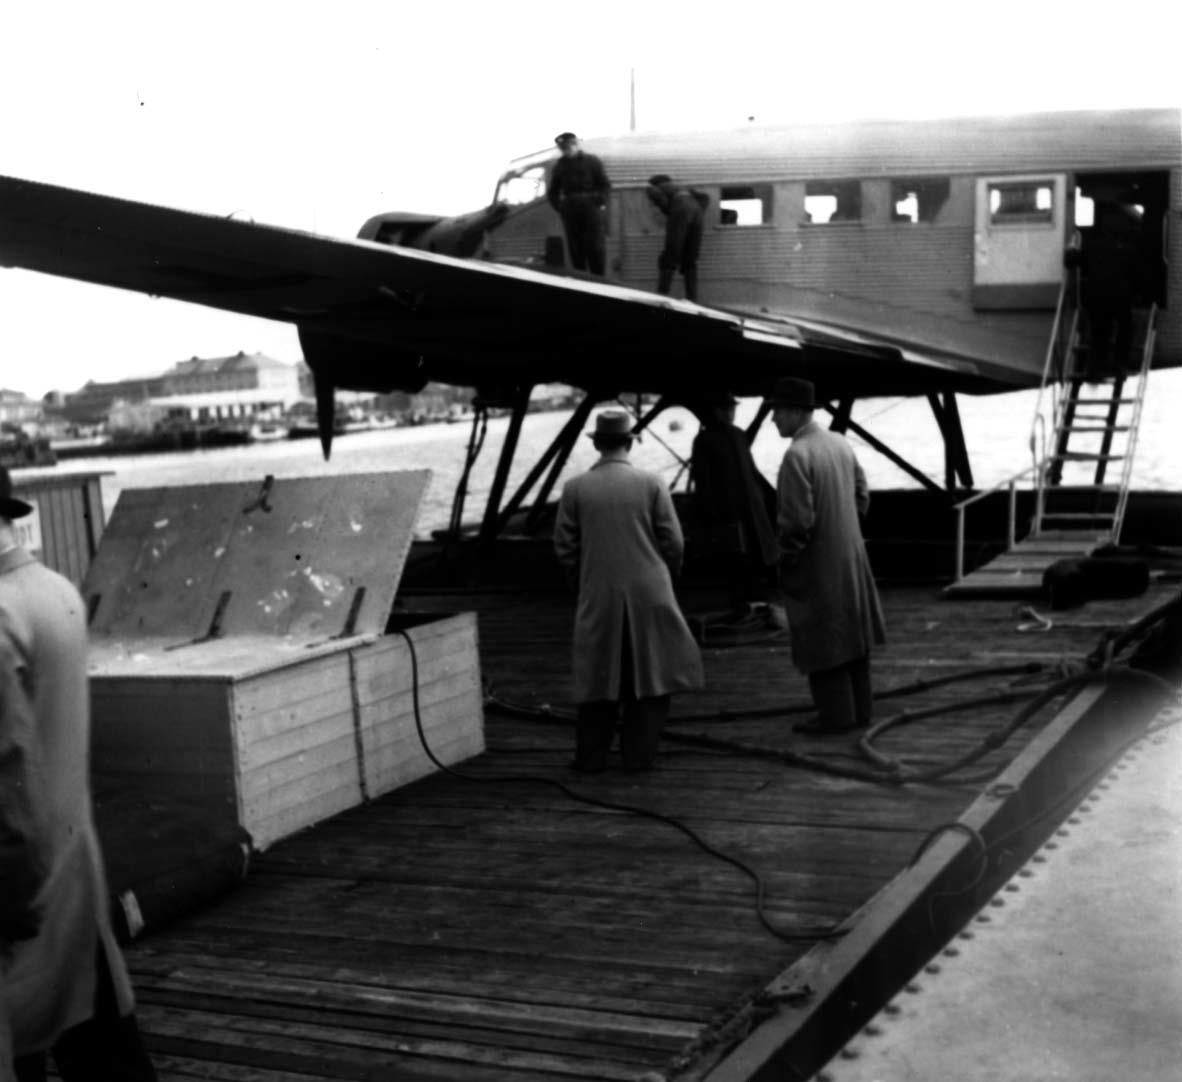 """Sjøflyhavn, Ett fly ligger ved kai, Junkers JU-52 3m mg LN-KAF """"Askeladden"""" fra DNL. Flere personer ved flyet."""